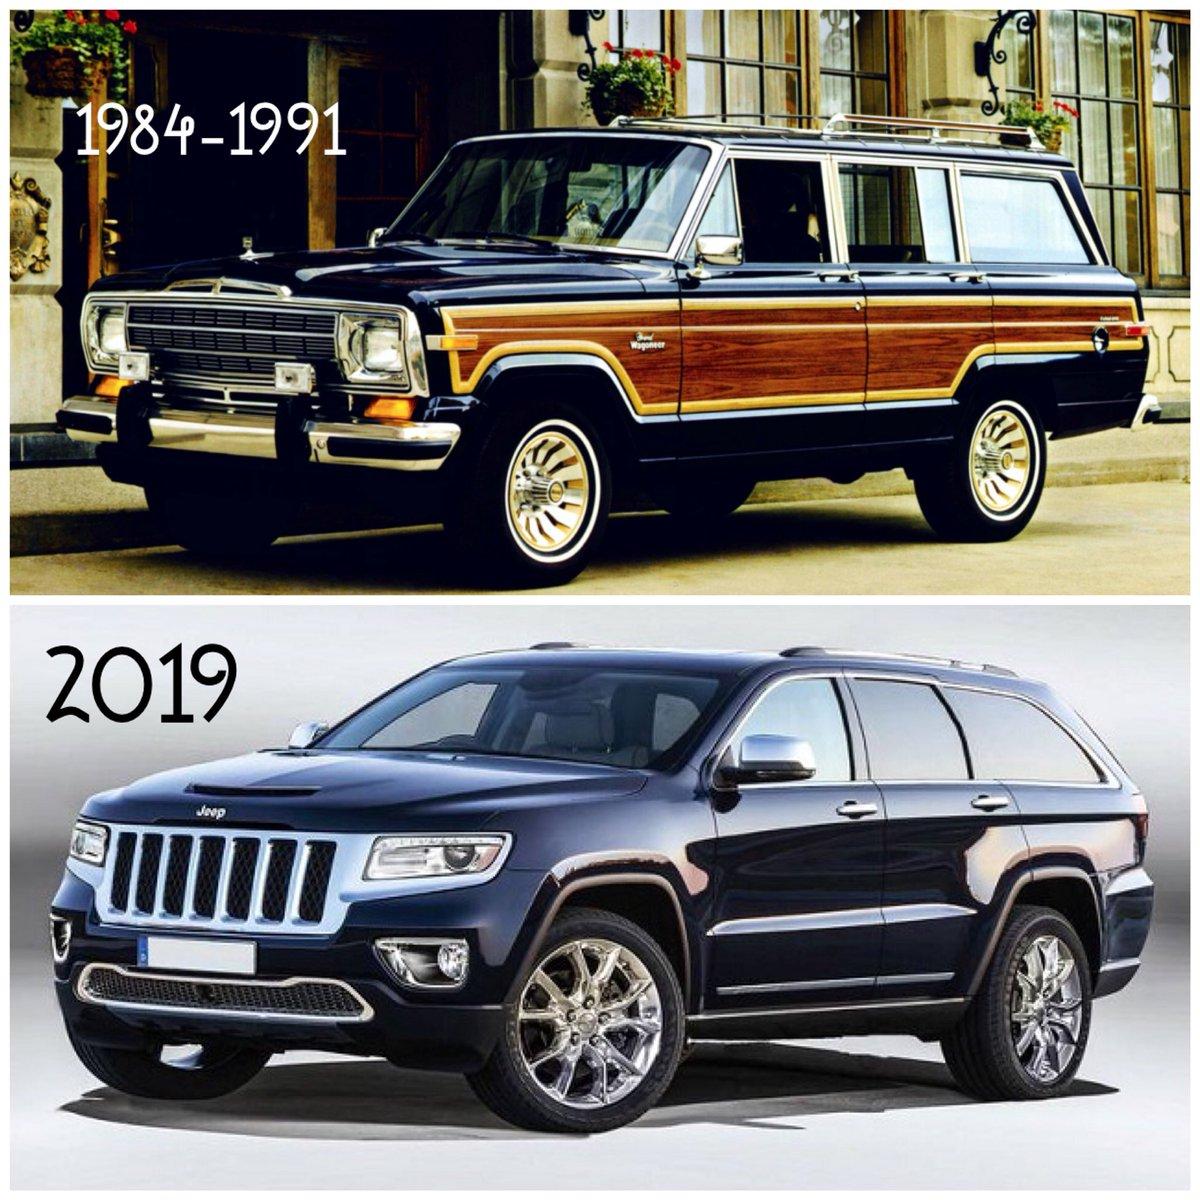 عالم السيارات On Twitter بعد توقيف اصداره لمدة ٢٧ سنة يبدو ان جيب جراند واجونير سوف يعود في ٢٠١٩ ما رأيكم هل سيكون محبوب كما كان في الماضي عالم السيارات Jeep Jeeplife Alamalsayarat